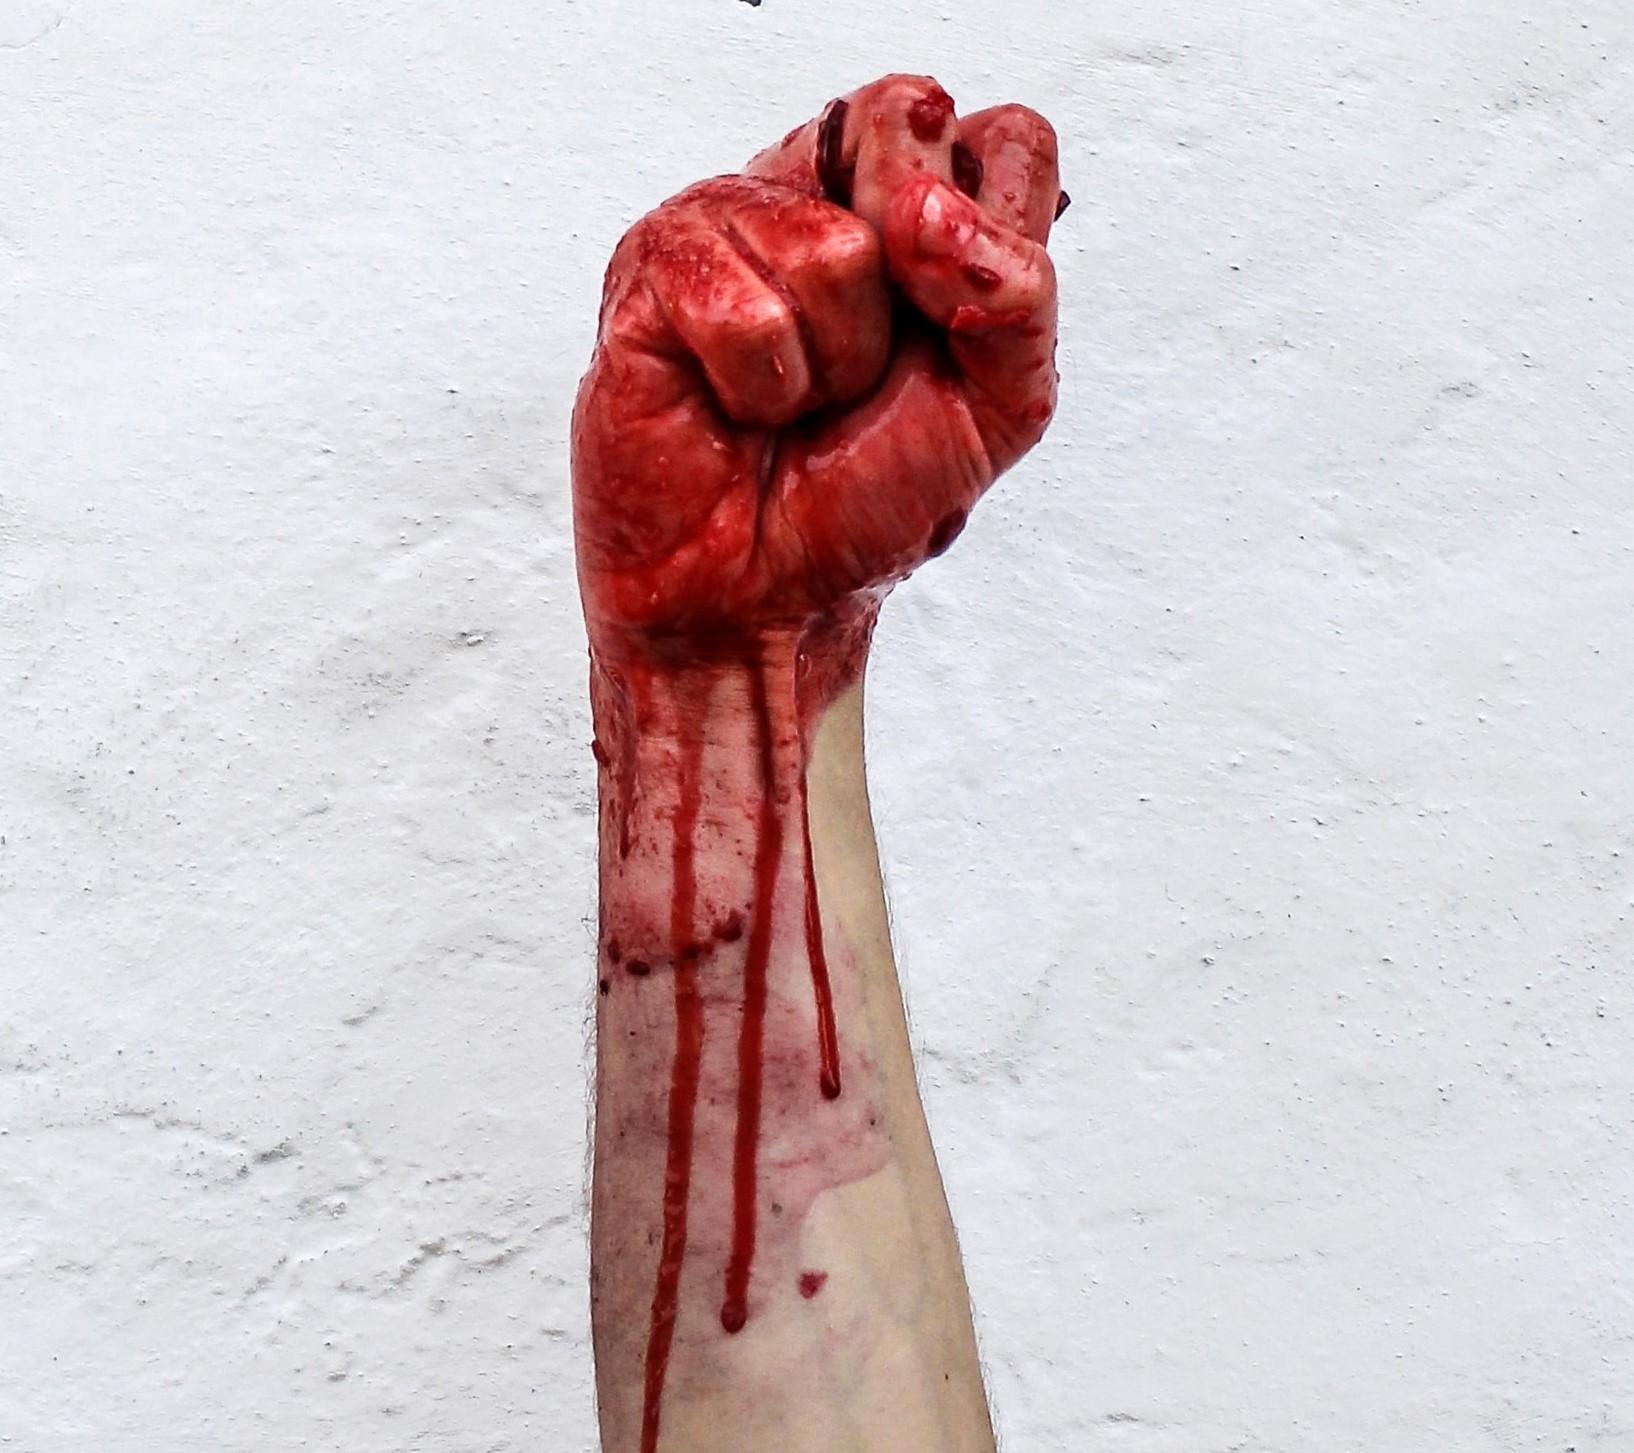 eine blutige Faust vor einer weißen Wand